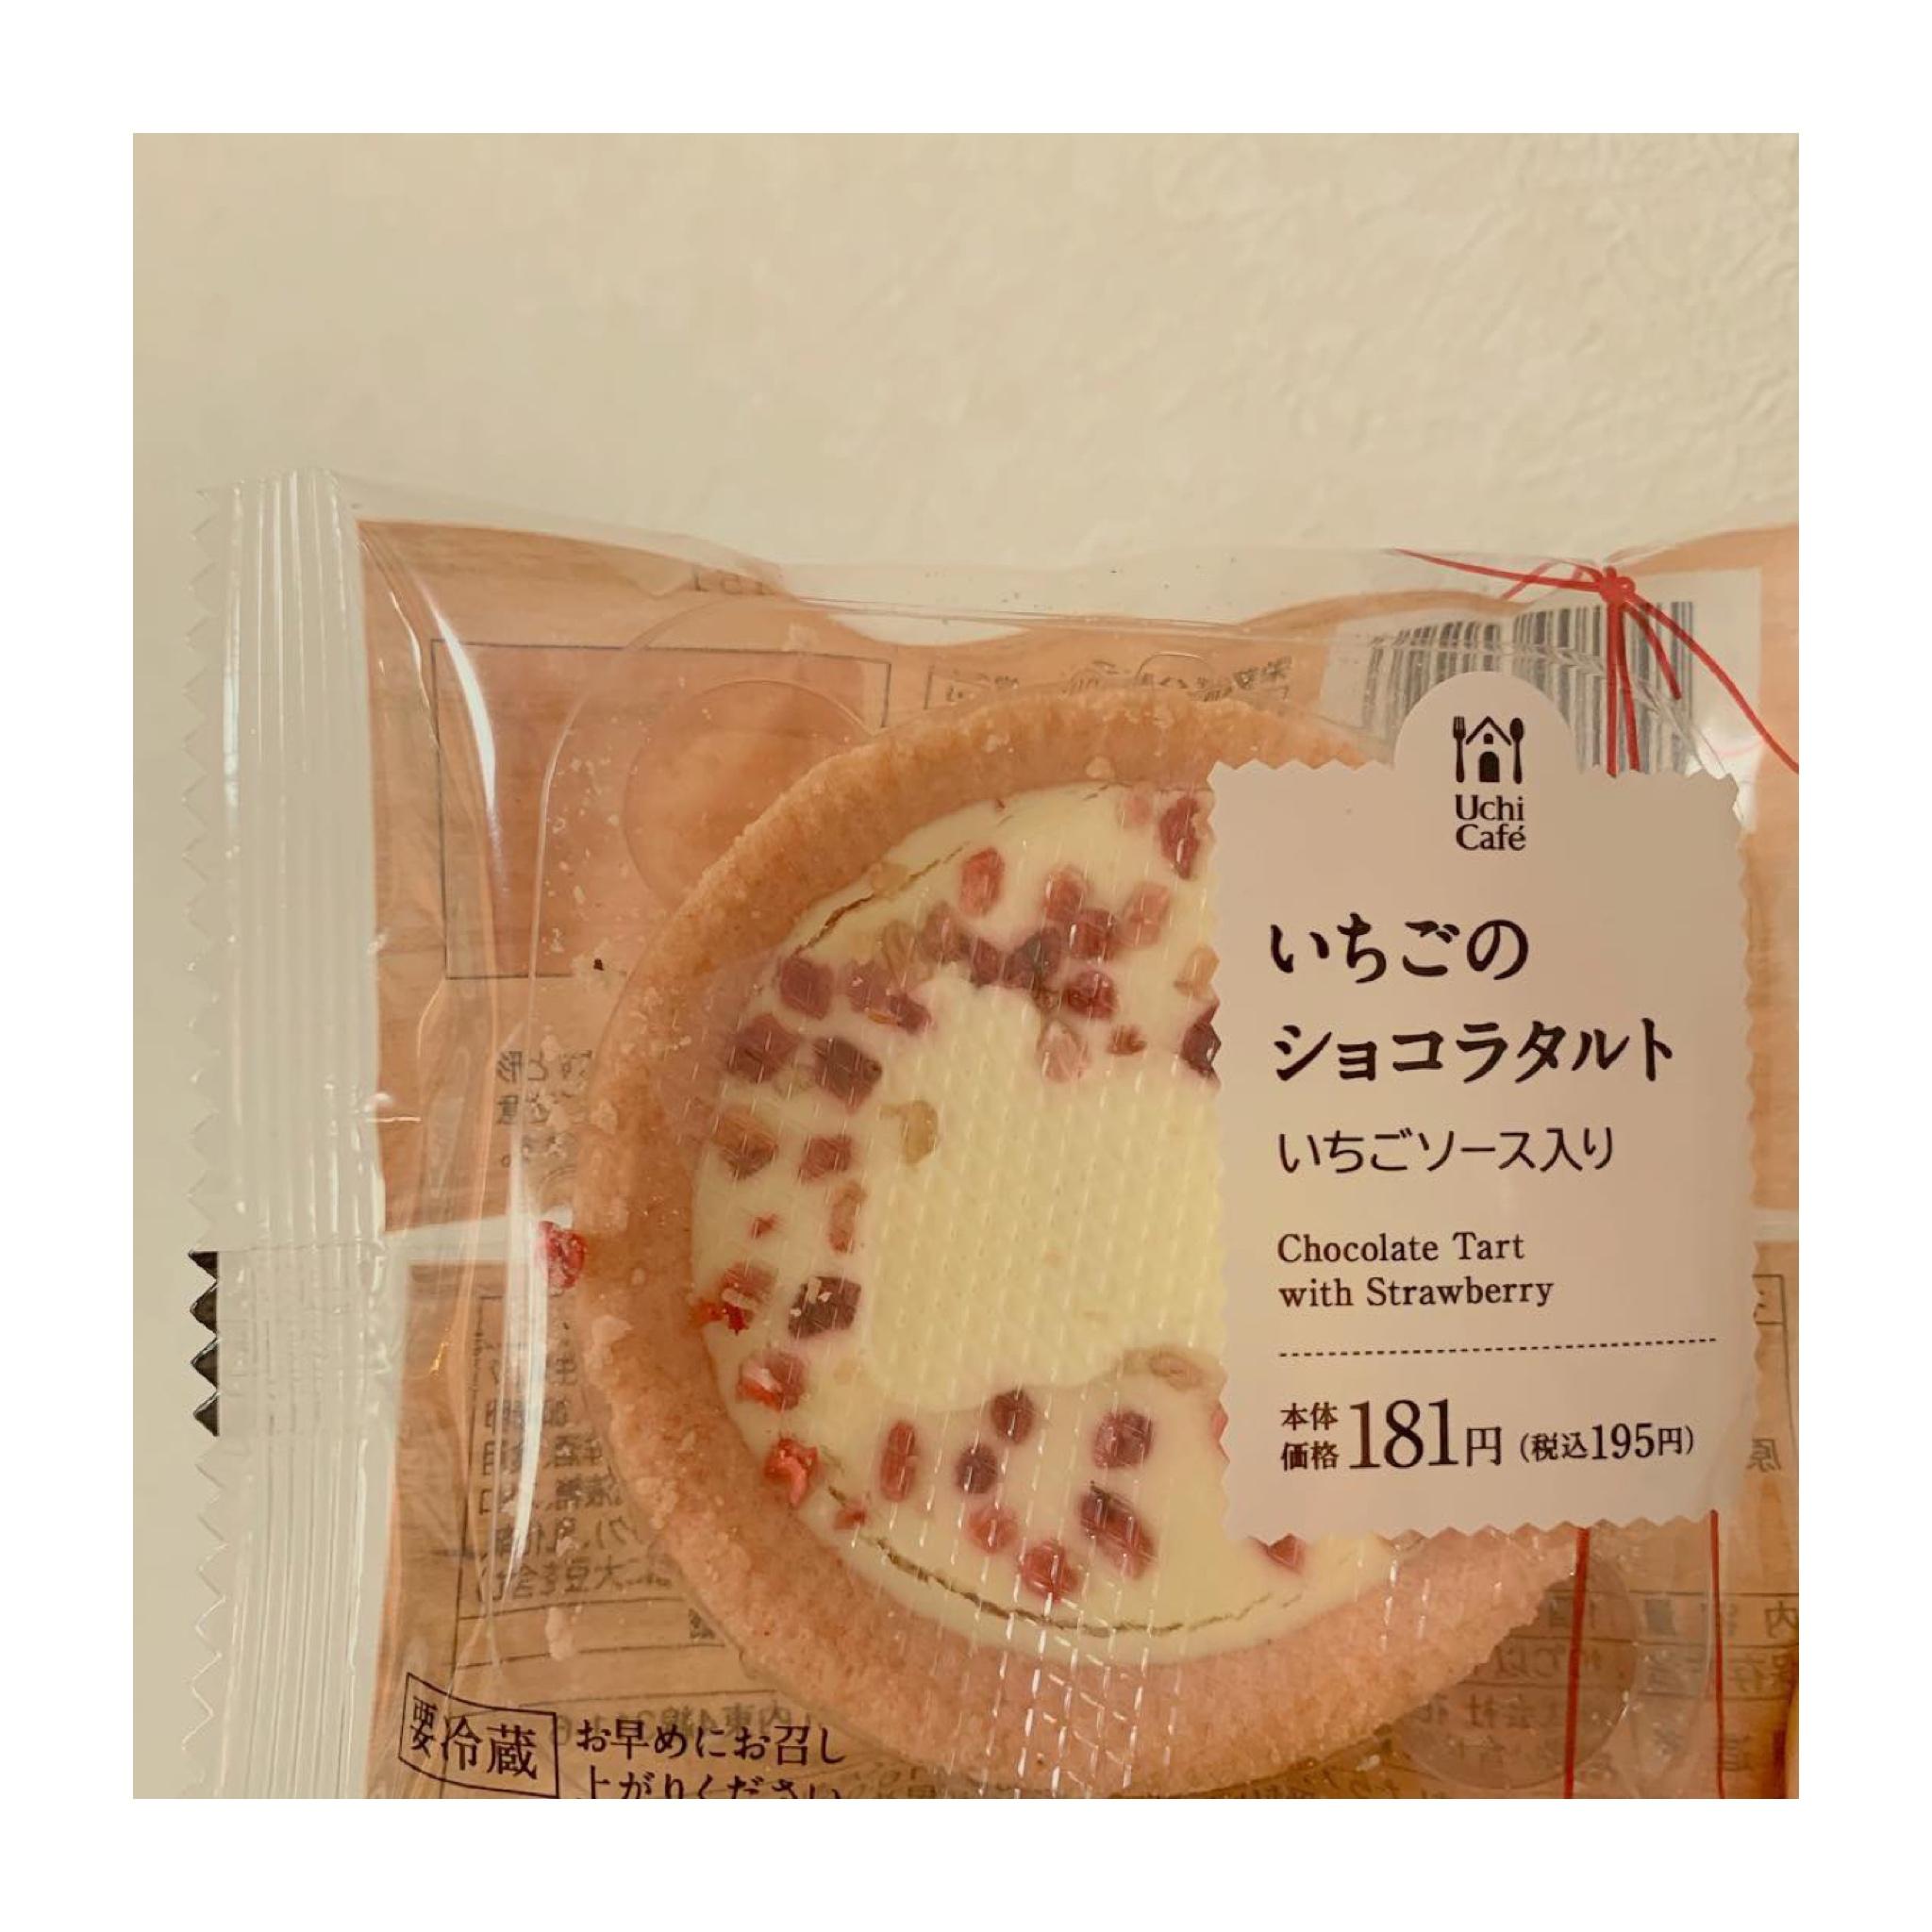 《写真映え❤️コンビニスイーツ》【ローソン】いちごのショコラタルトが美味しい☻_1